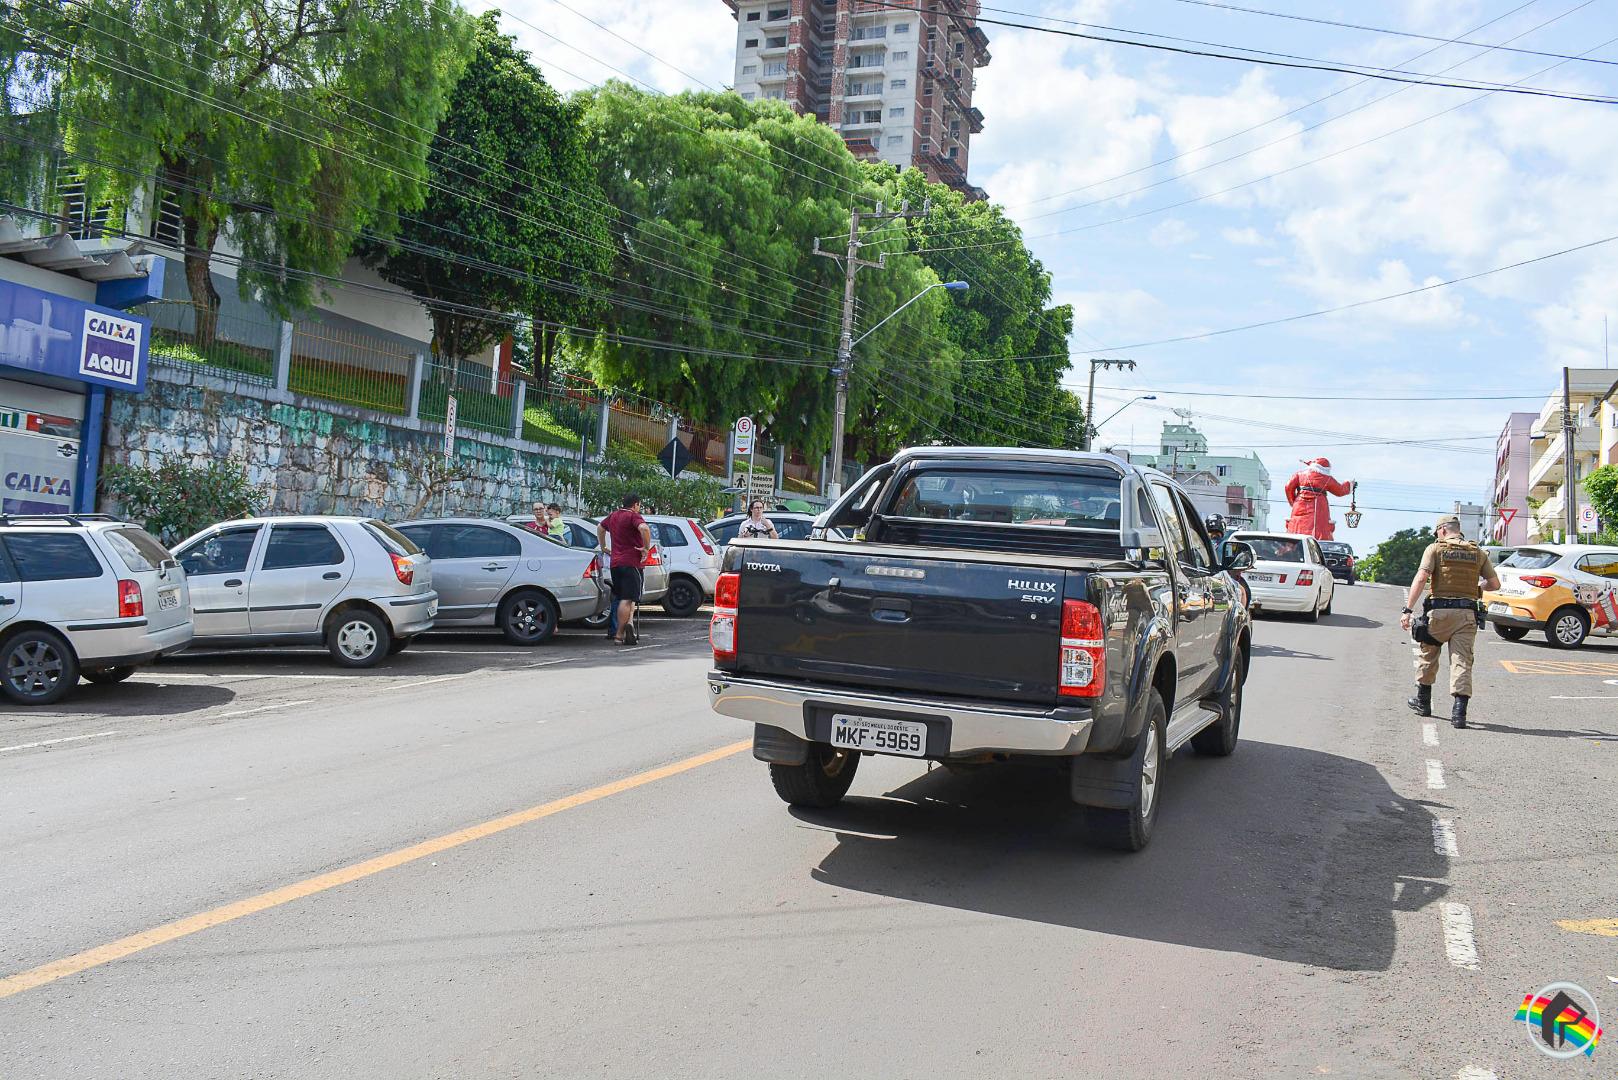 Idosa é atropelada ao atravessar fora da faixa em São Miguel do Oeste